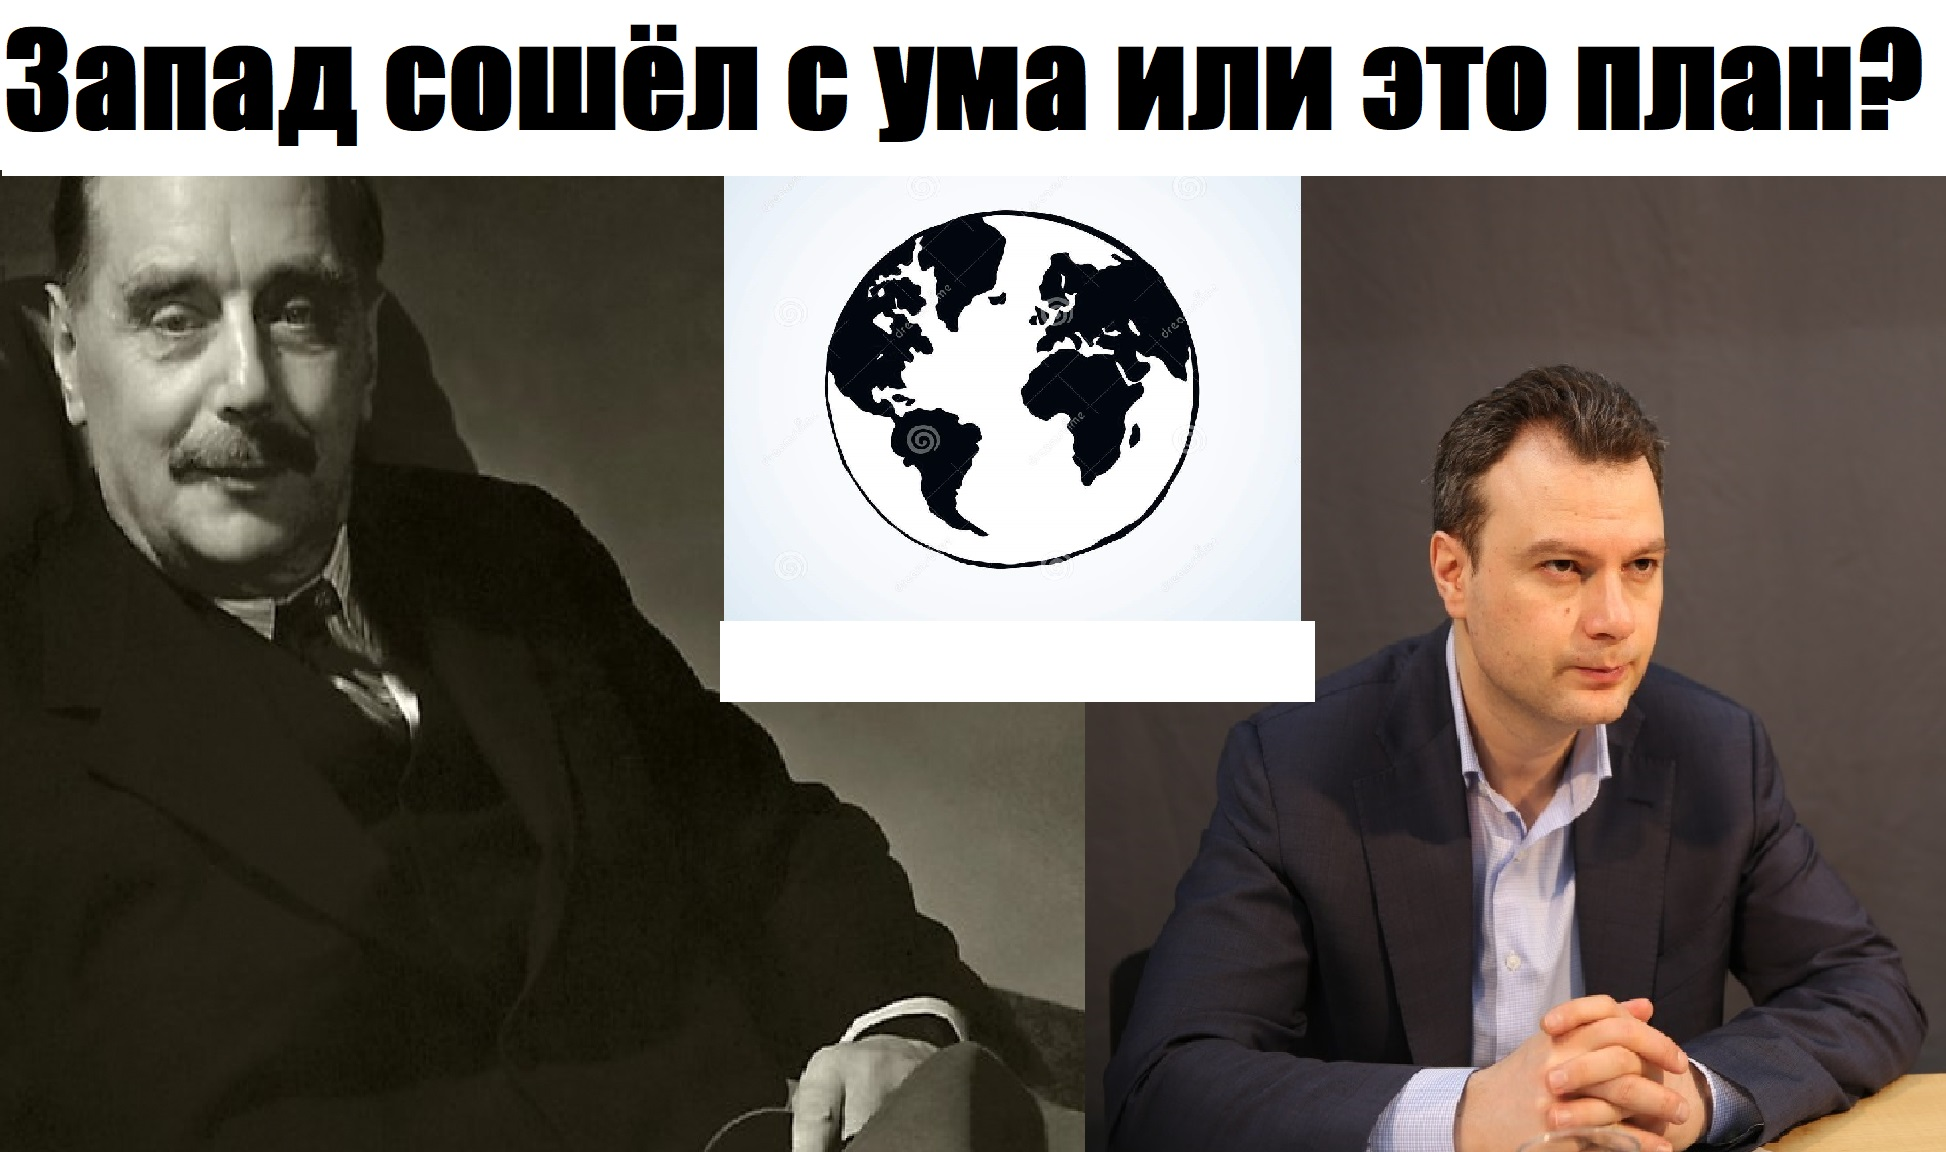 Герберт Уэллс и новый мировой порядок